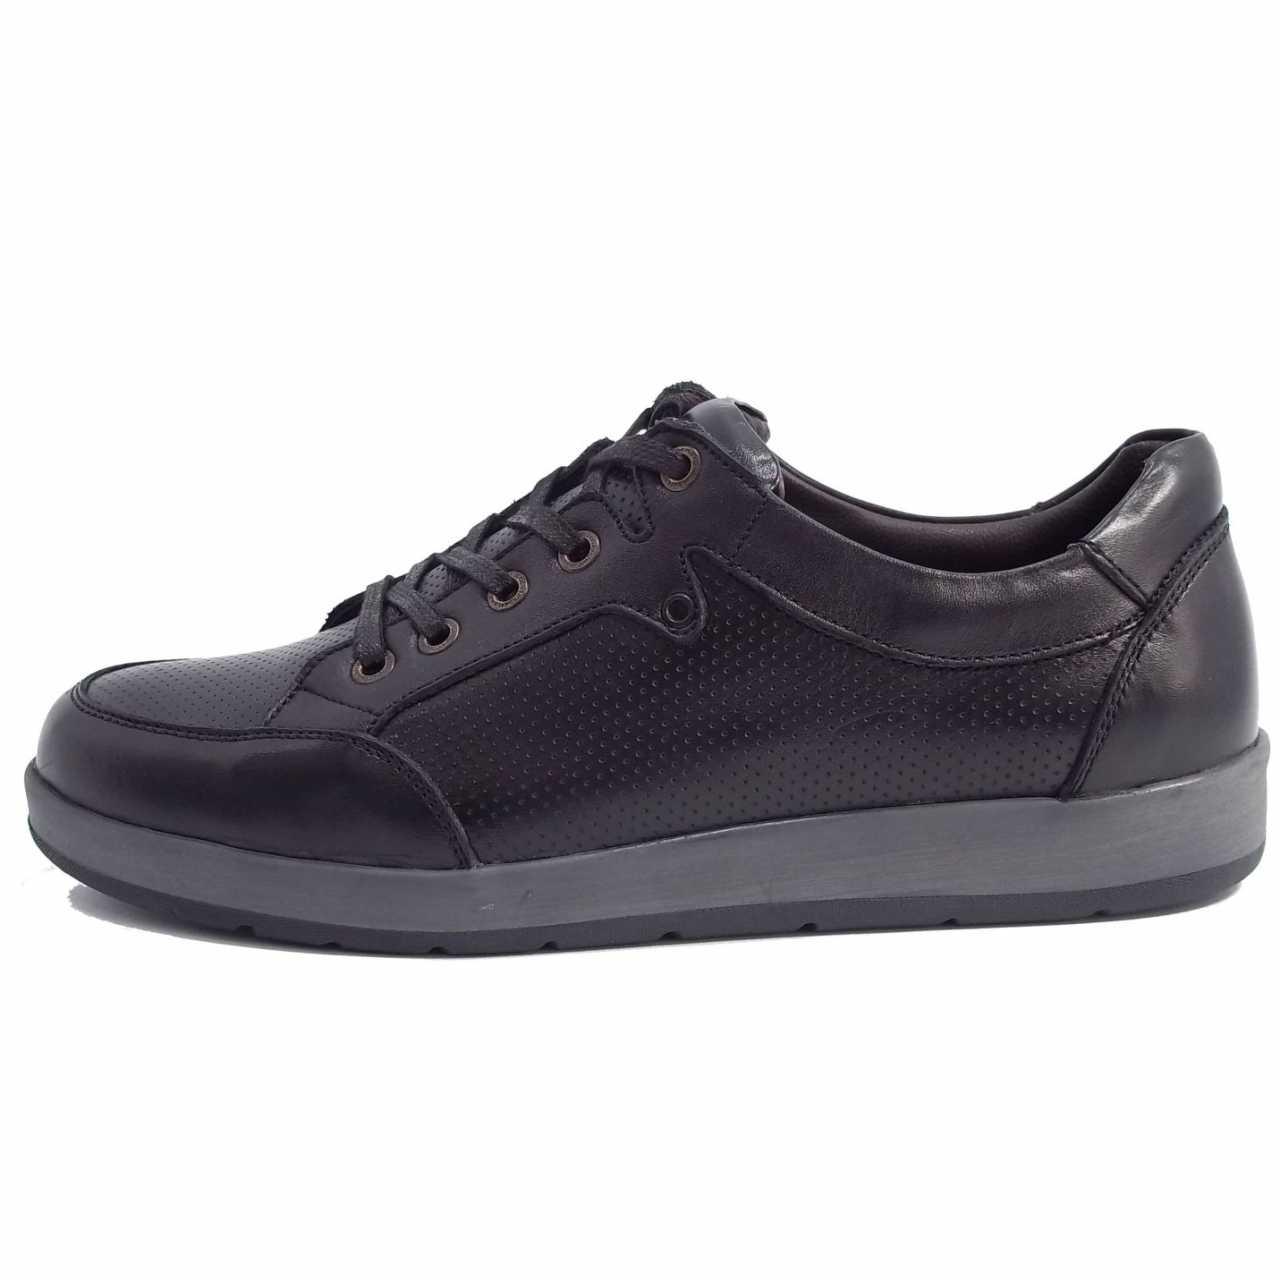 کفش اسپرت چرم کترپیلار مدل پانچی مشکی